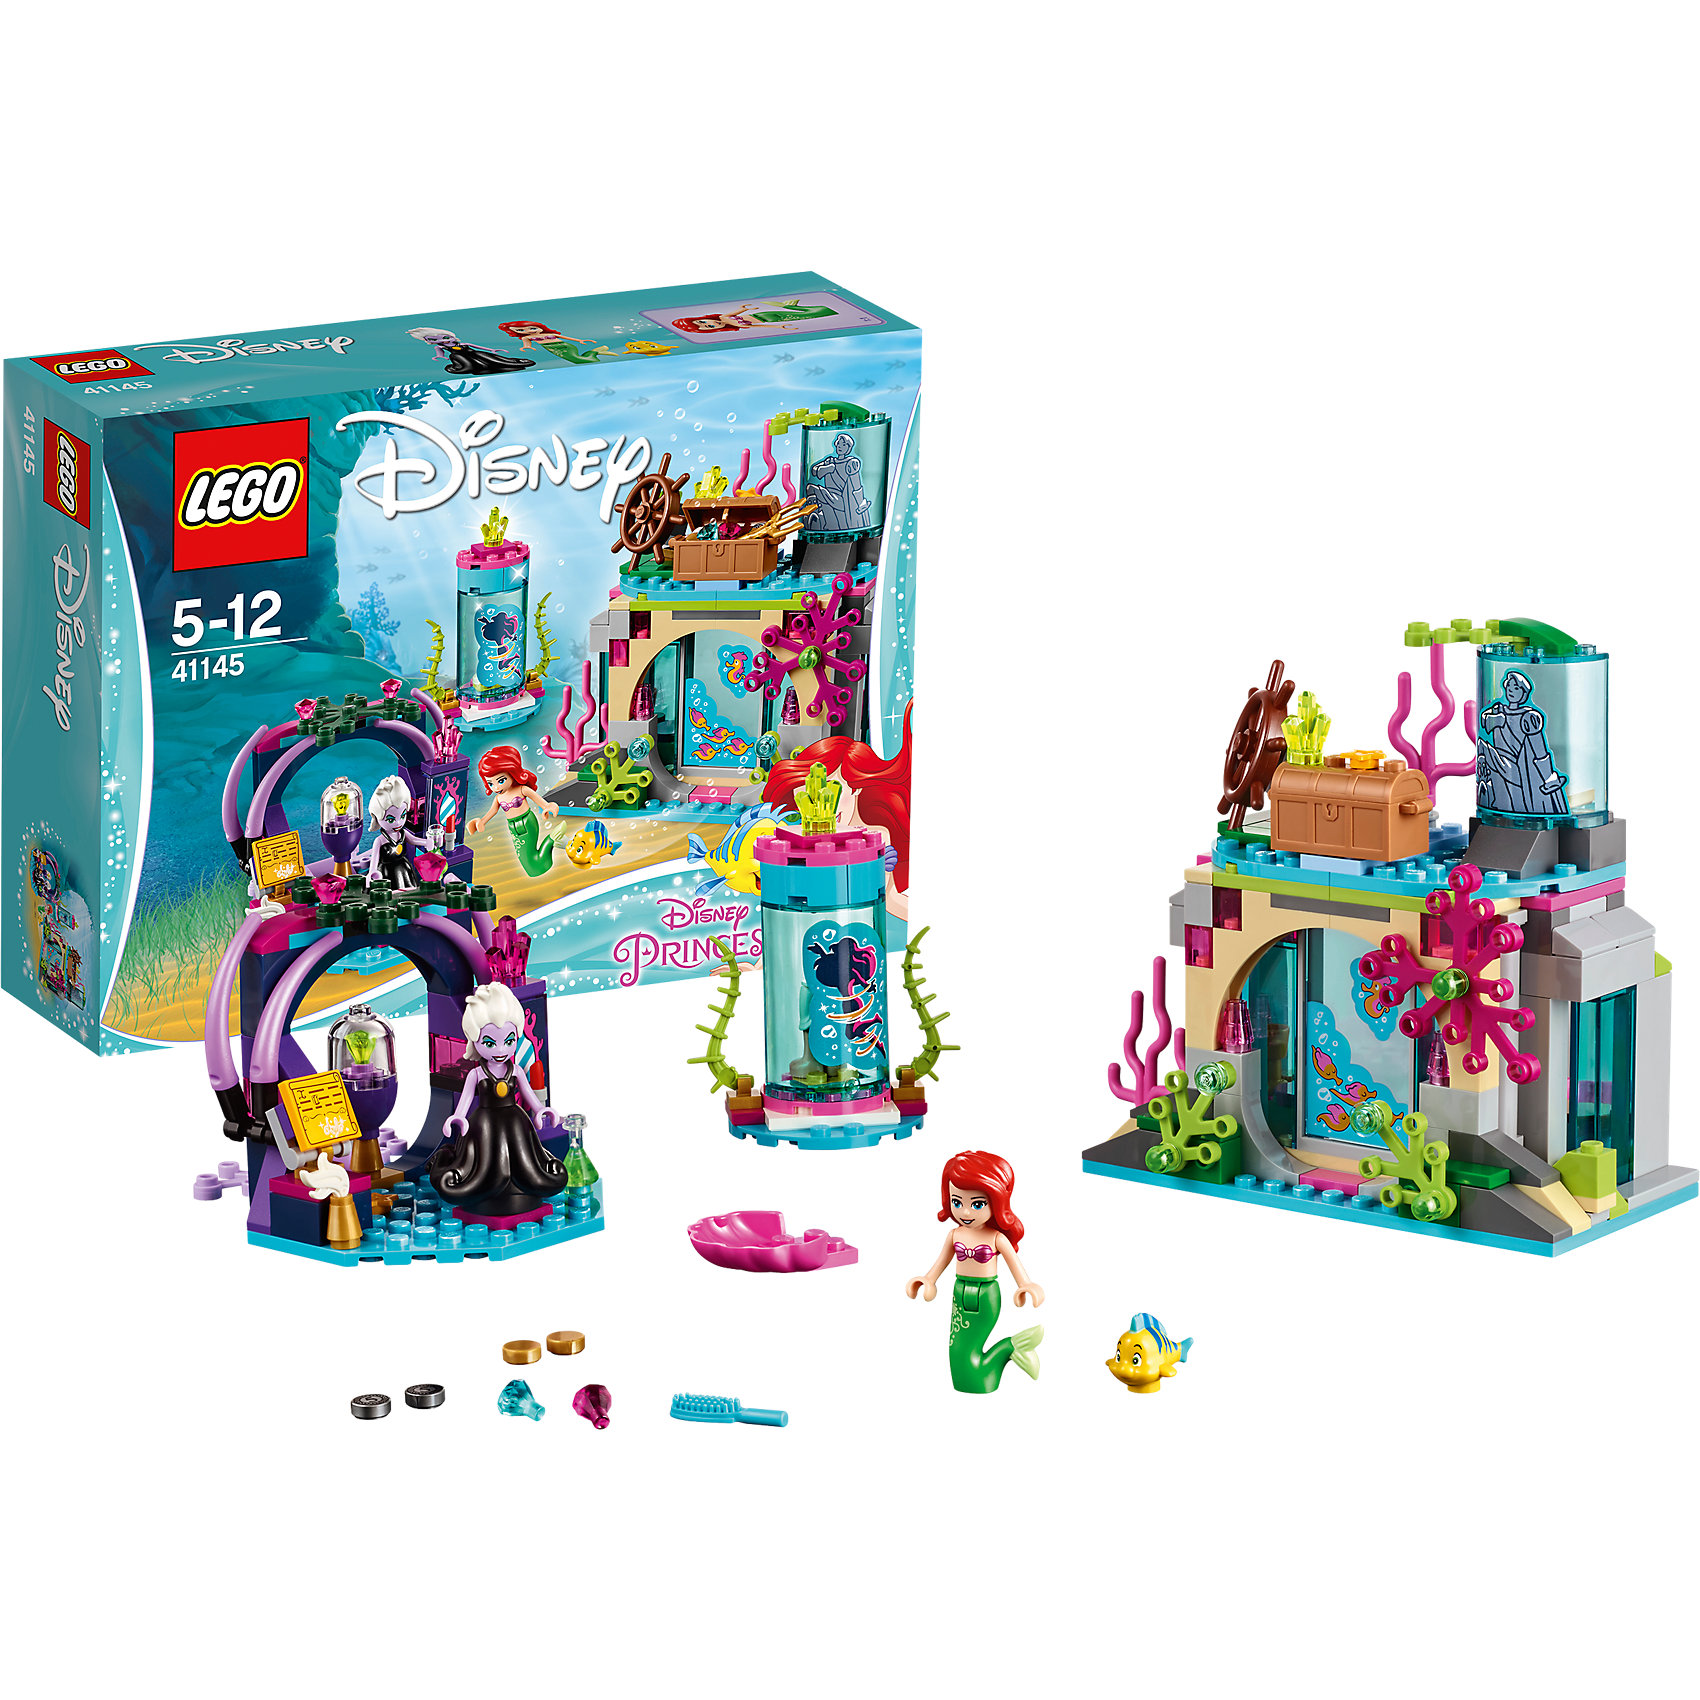 LEGO Disney Princesses 41145: Ариэль и магическое заклятьеПластмассовые конструкторы<br><br><br>Ширина мм: 278<br>Глубина мм: 238<br>Высота мм: 213<br>Вес г: 420<br>Возраст от месяцев: 60<br>Возраст до месяцев: 144<br>Пол: Женский<br>Возраст: Детский<br>SKU: 5620034